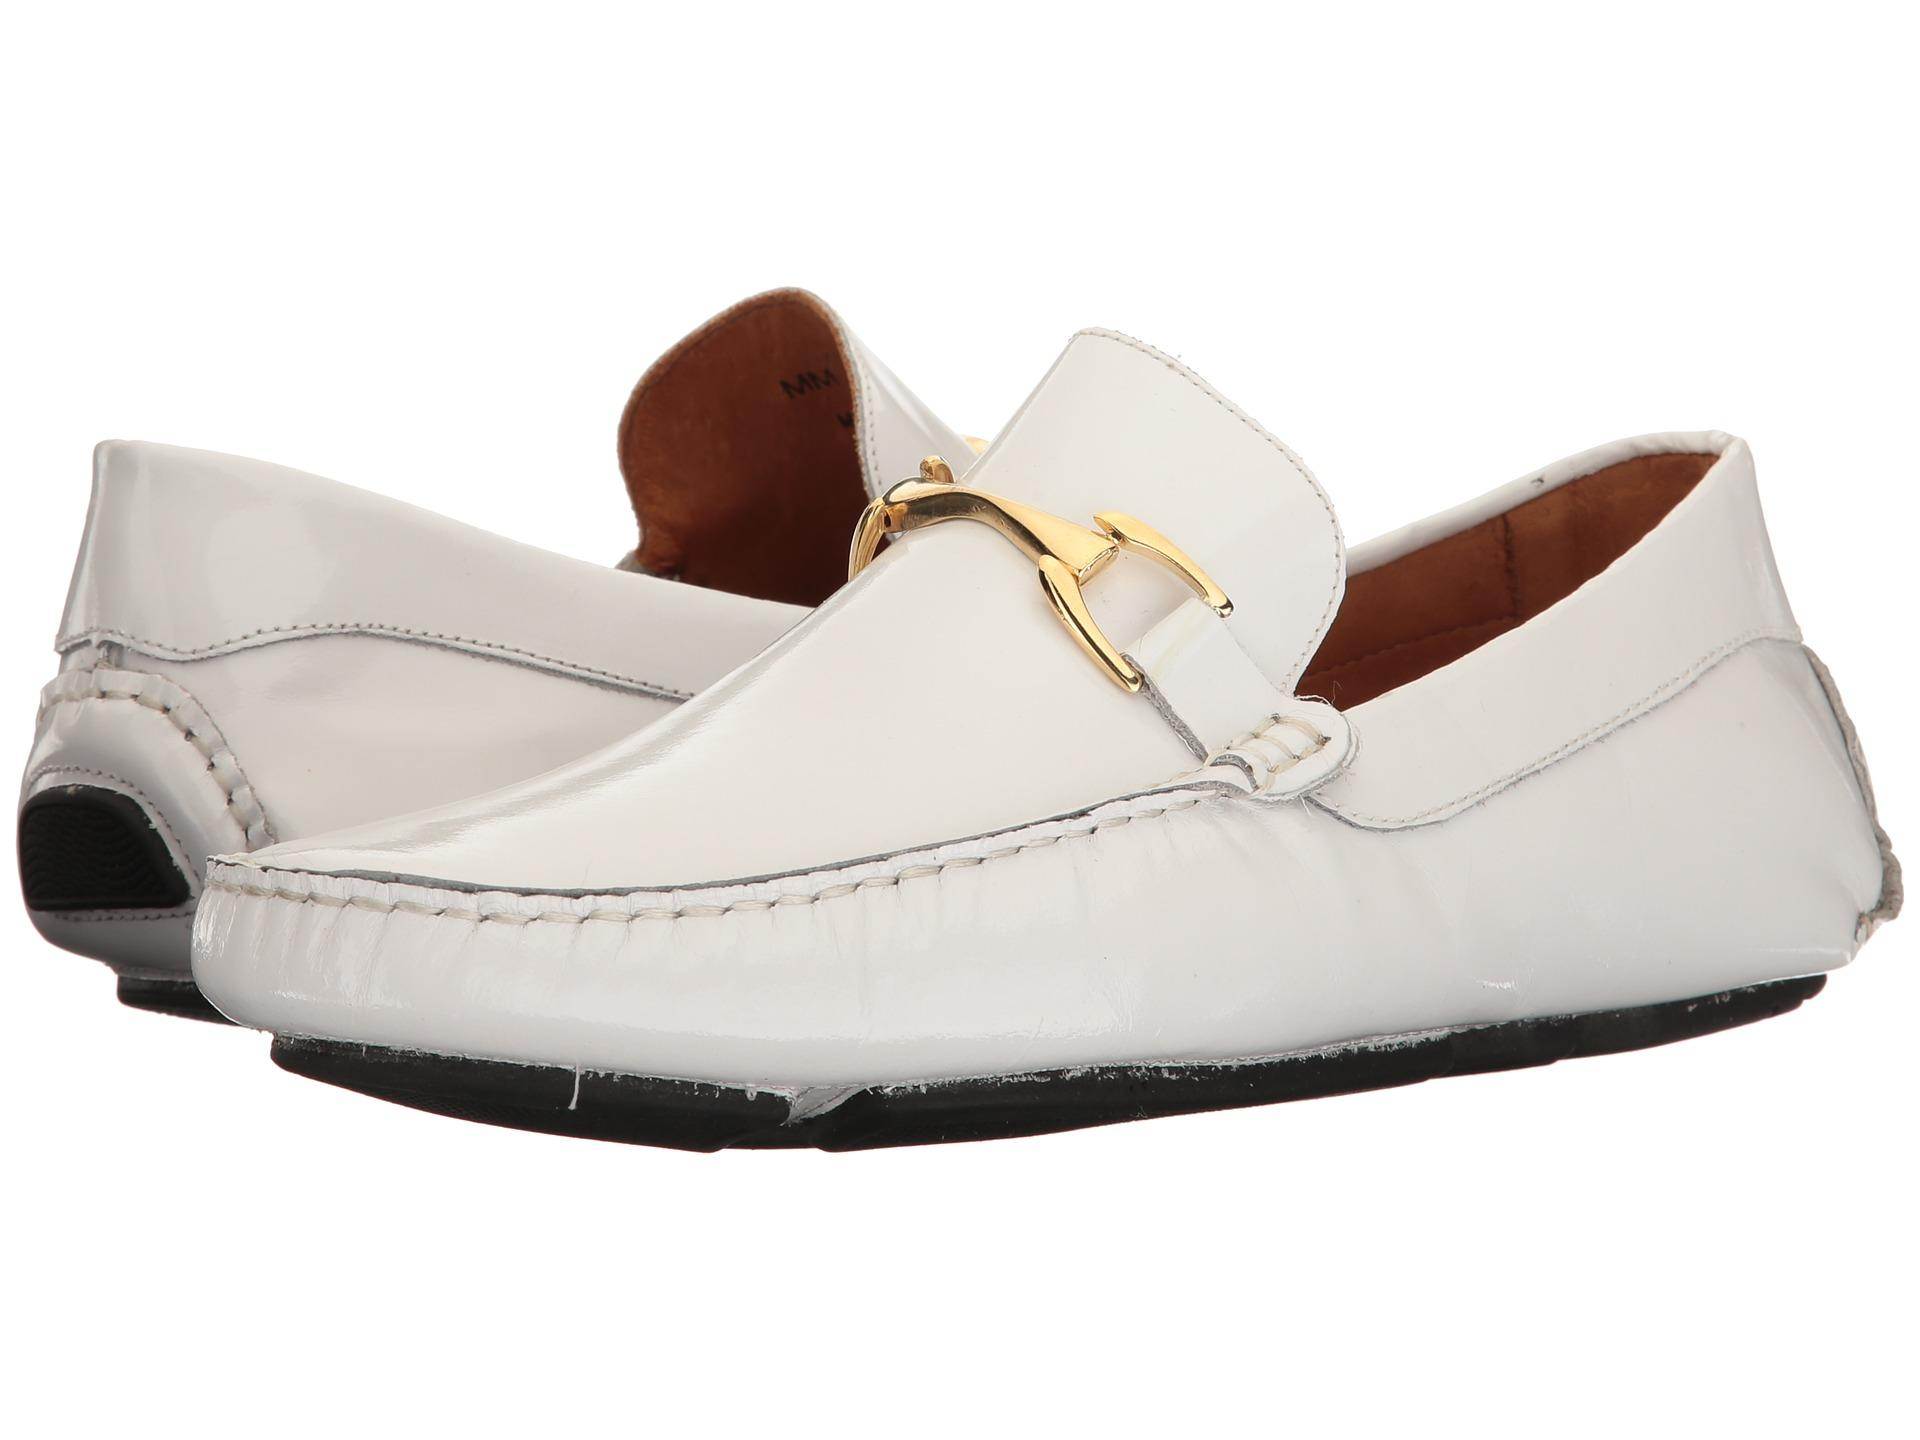 Massimo matteo Patent Bit Driver in White for Men